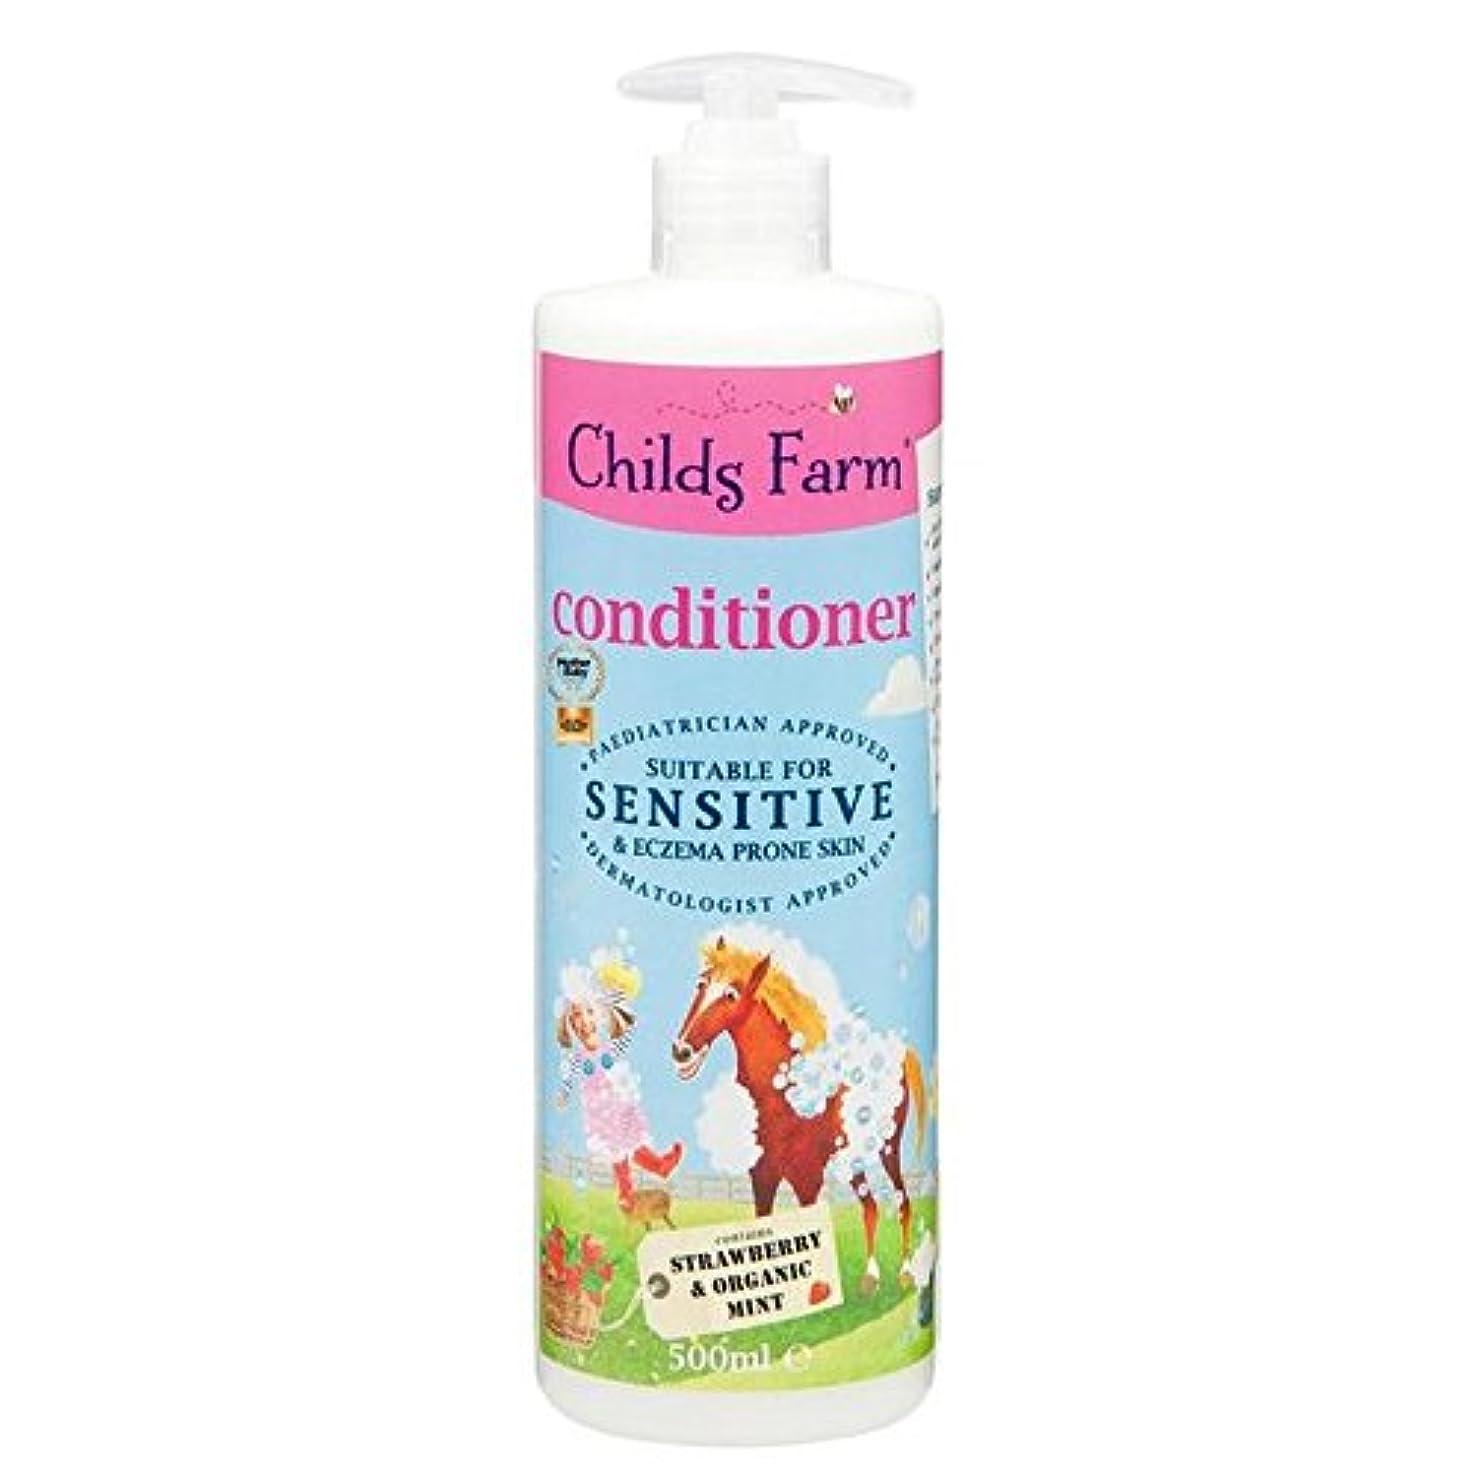 スーパーマーケット倉庫年次Childs Farm Conditioner for Unruly Hair 500ml - 手に負えない髪の500ミリリットルのためのチャイルズファームコンディショナー [並行輸入品]